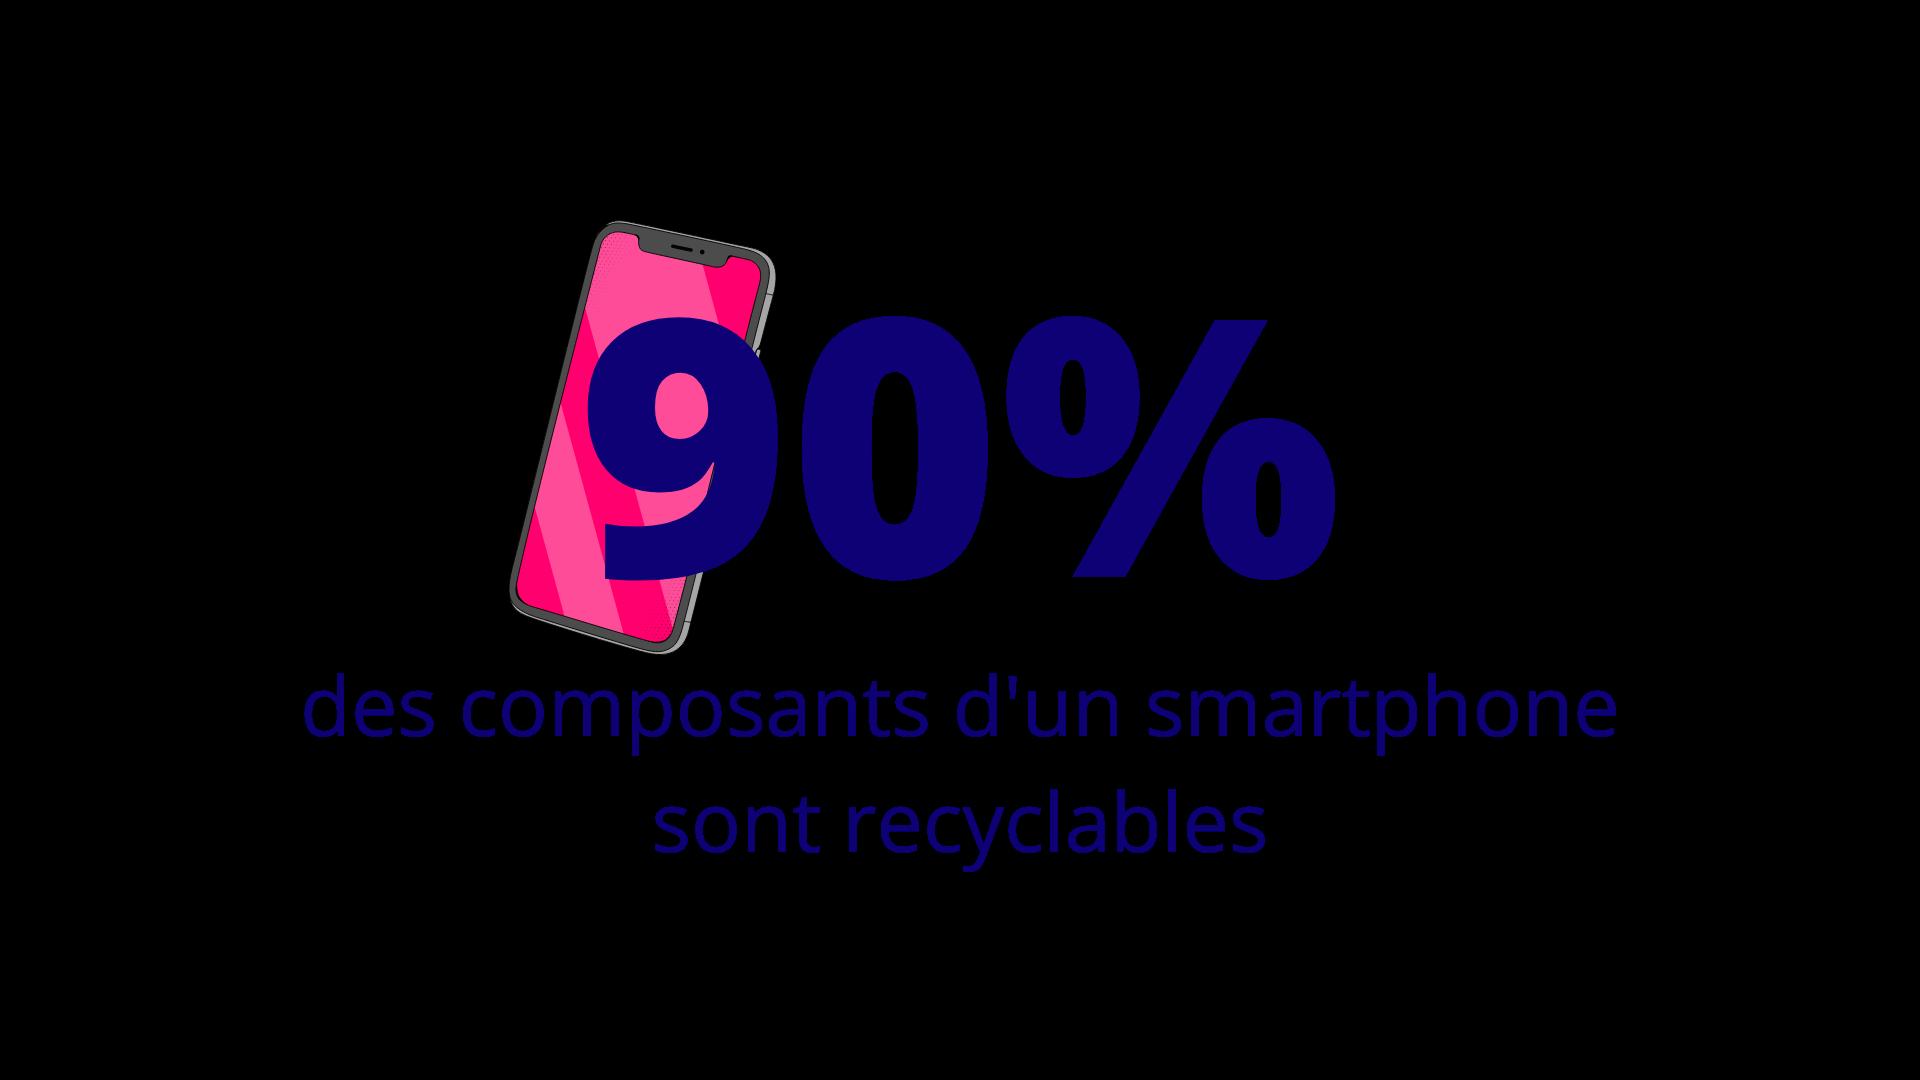 90% des composants d'un smartphone sont recyclables